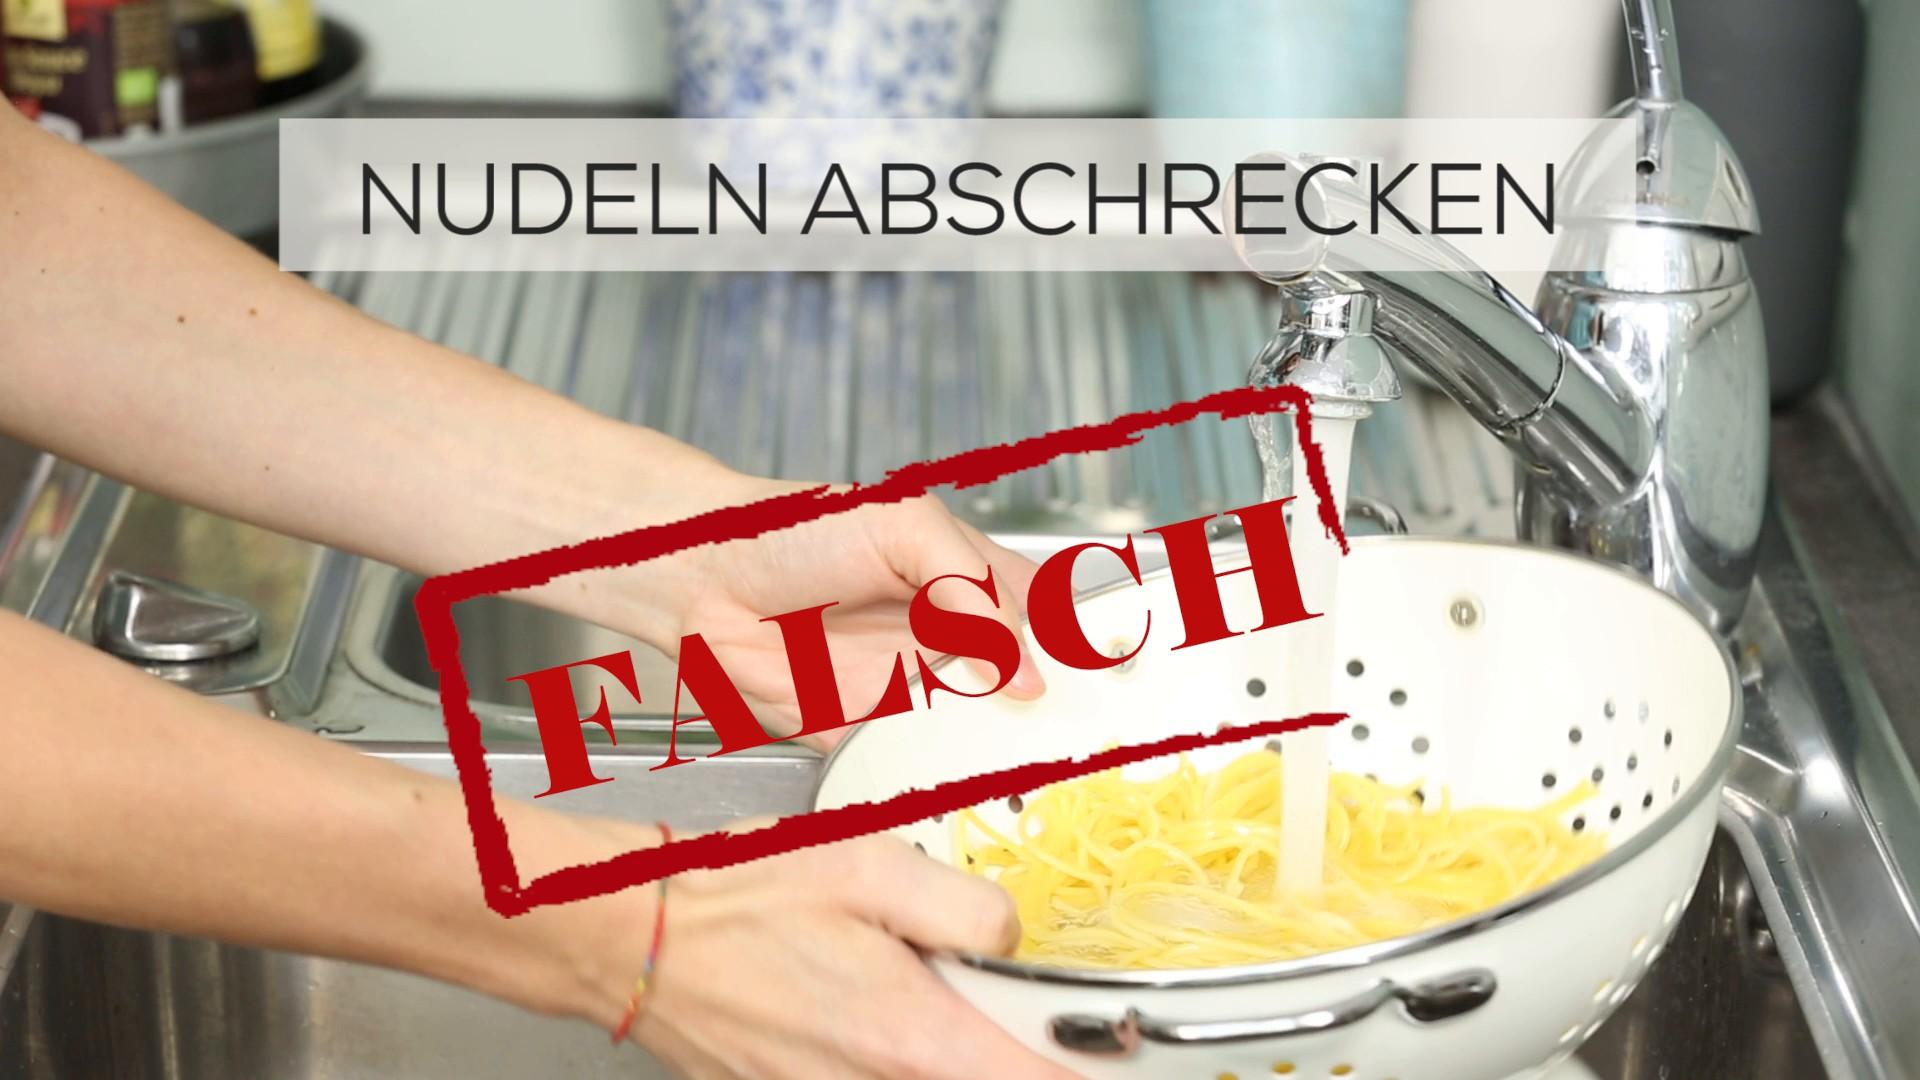 5 Fehler beim Spagetti kochen_EL.mp4: image 8